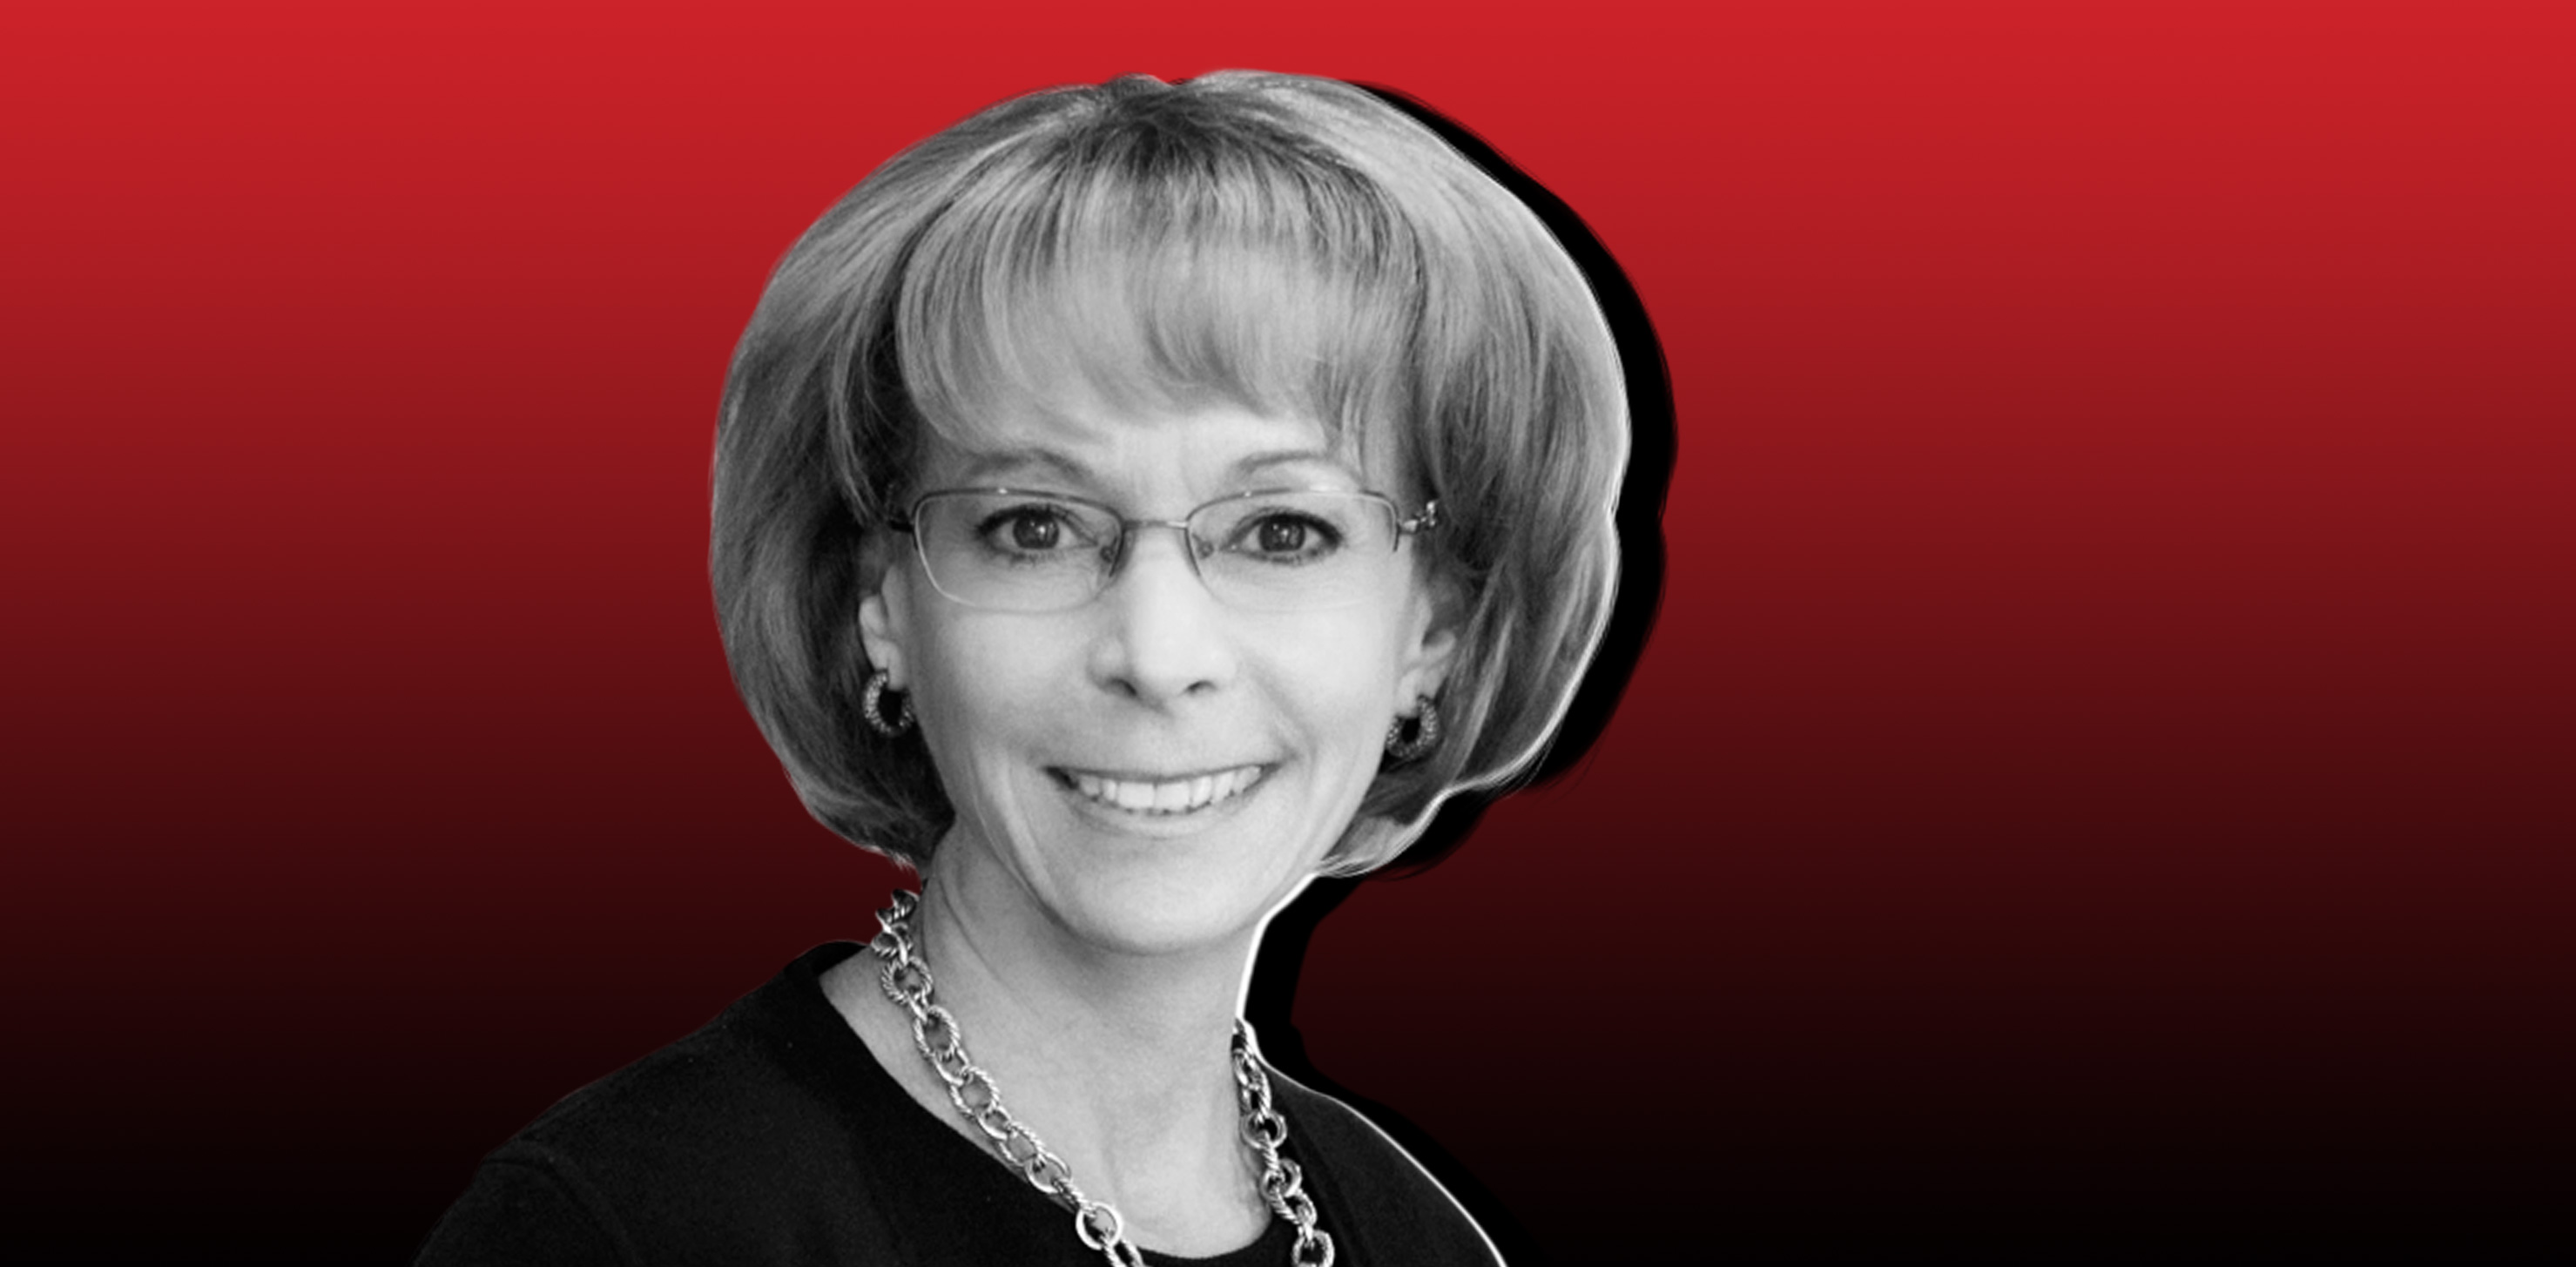 IMPW 2019. 35. Nancy Mckinstry